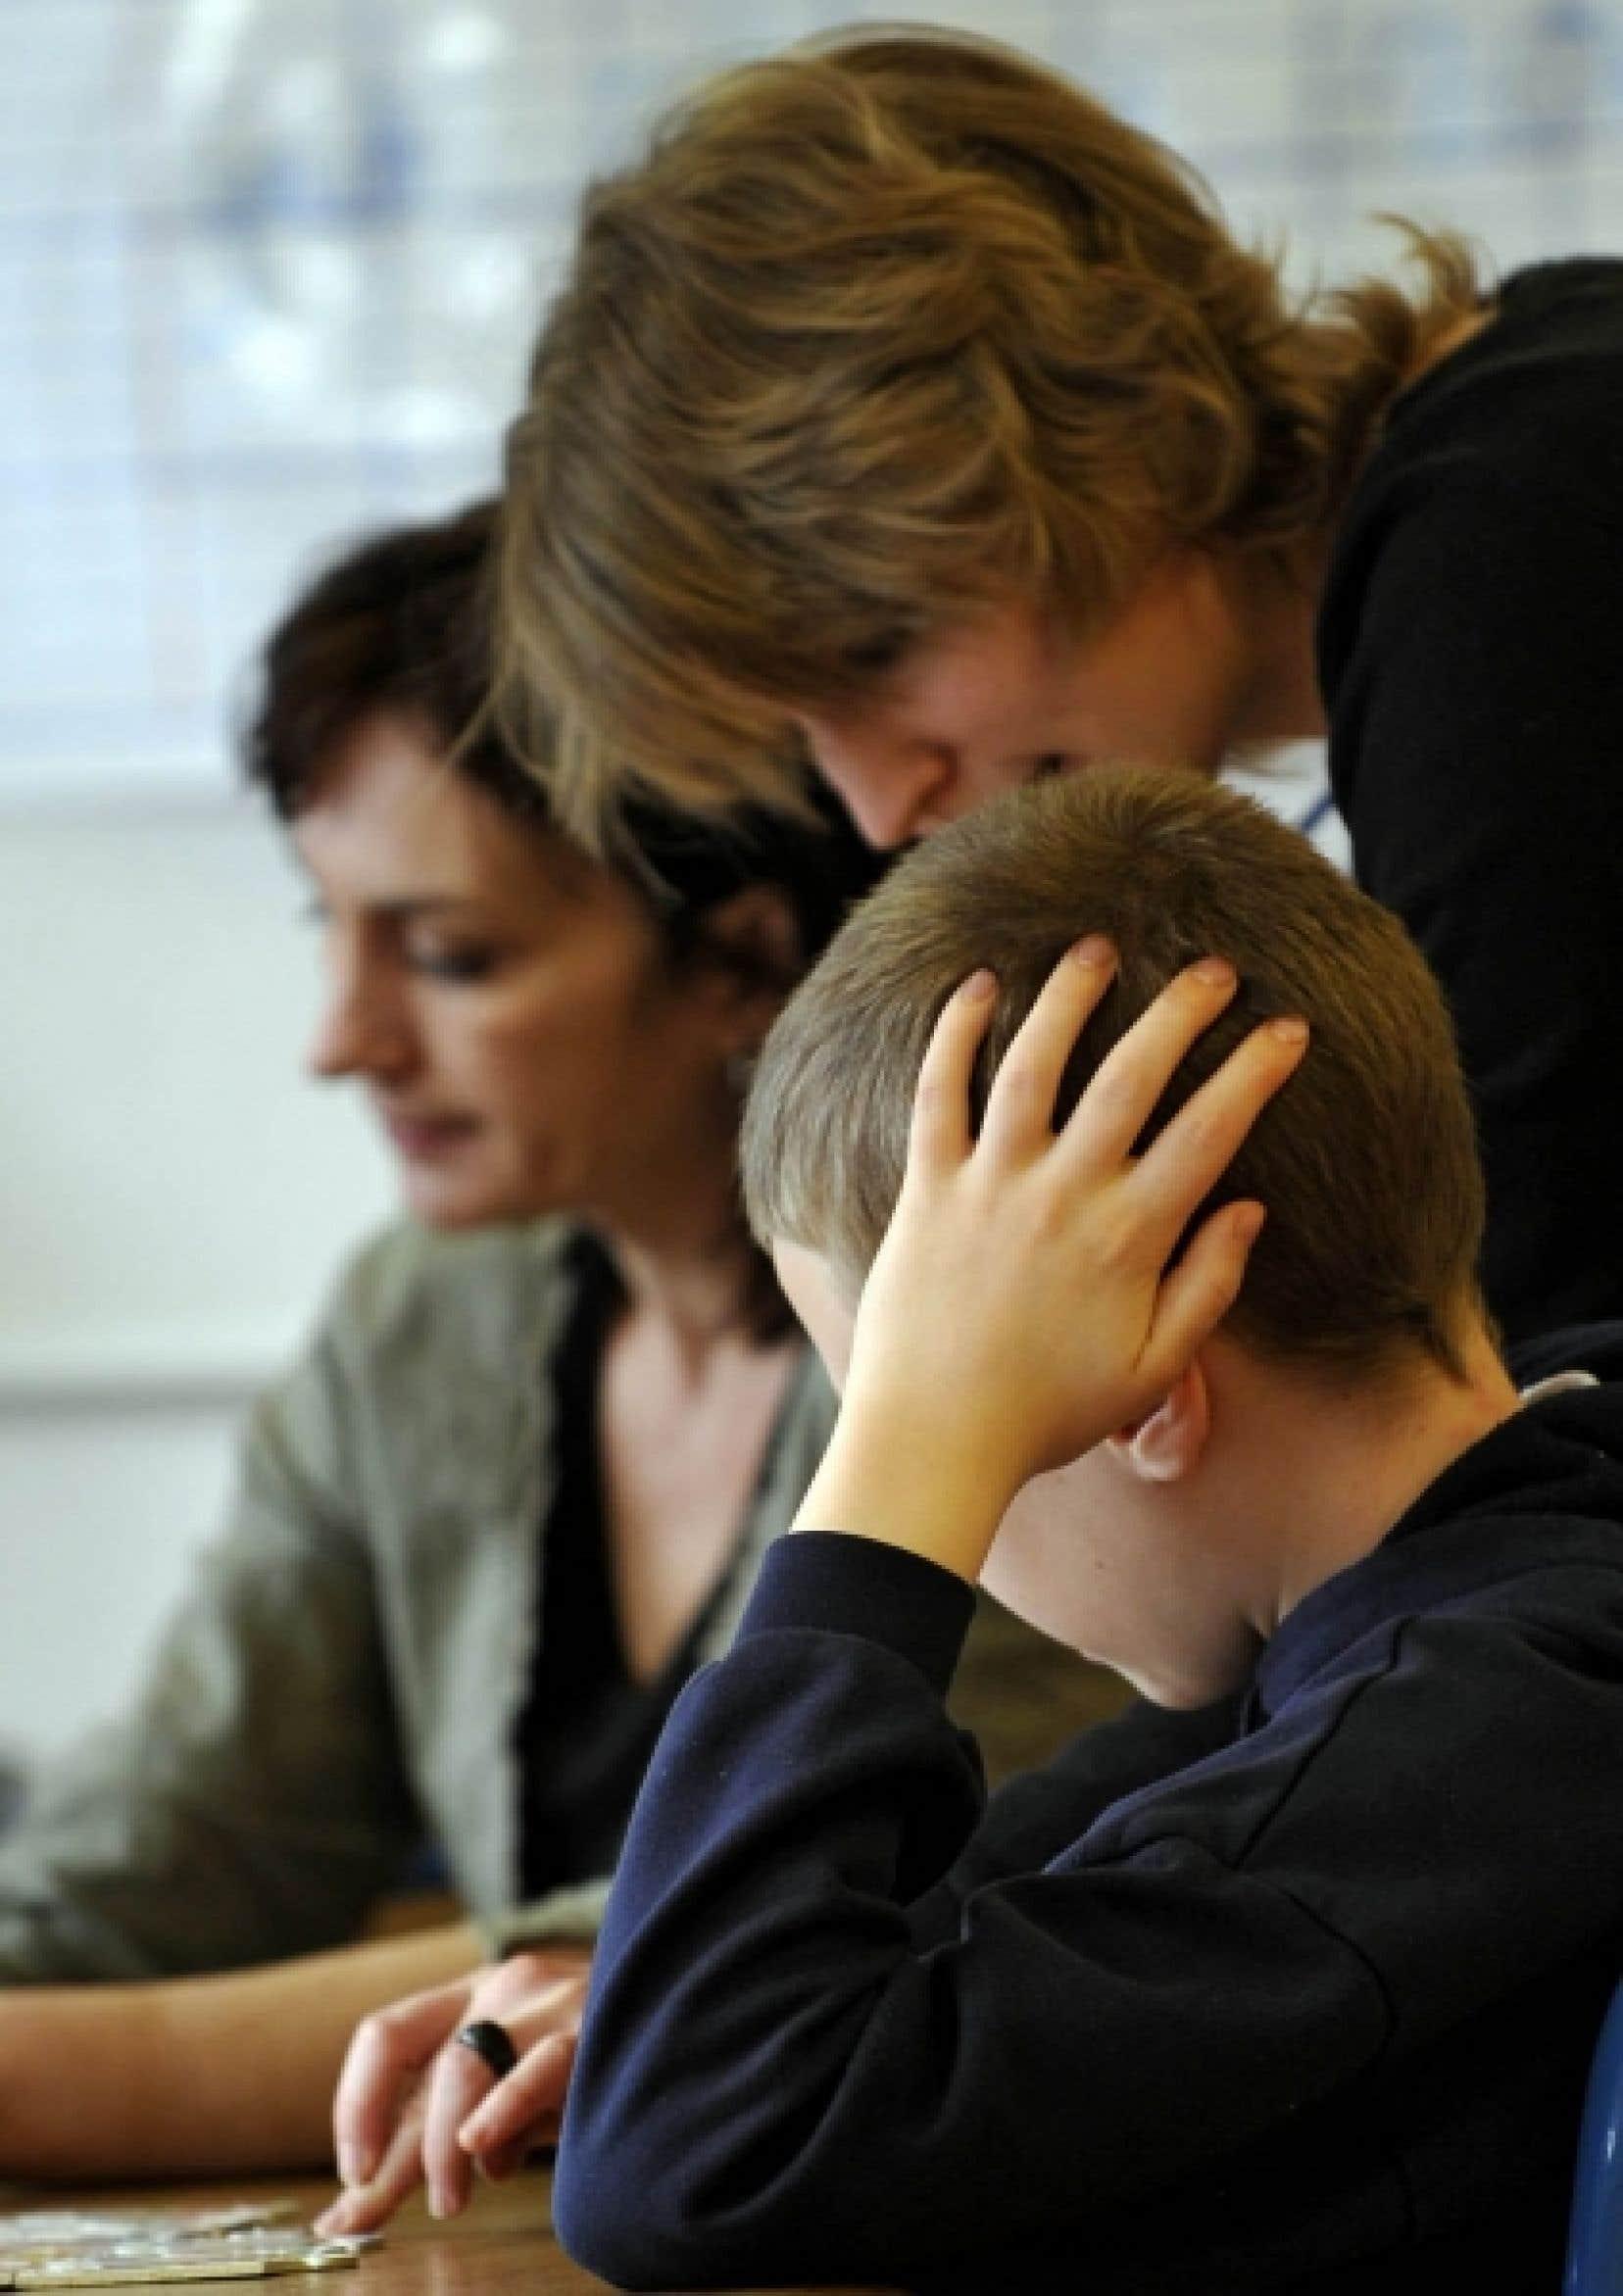 L'identification du «trouble mental» chez les élèves ouvrira un vaste marché privé de l'évaluation médicalisée, qui mettra le réseau scolaire à la remorque d'une redéfinition des besoins de l'enfant.<br />